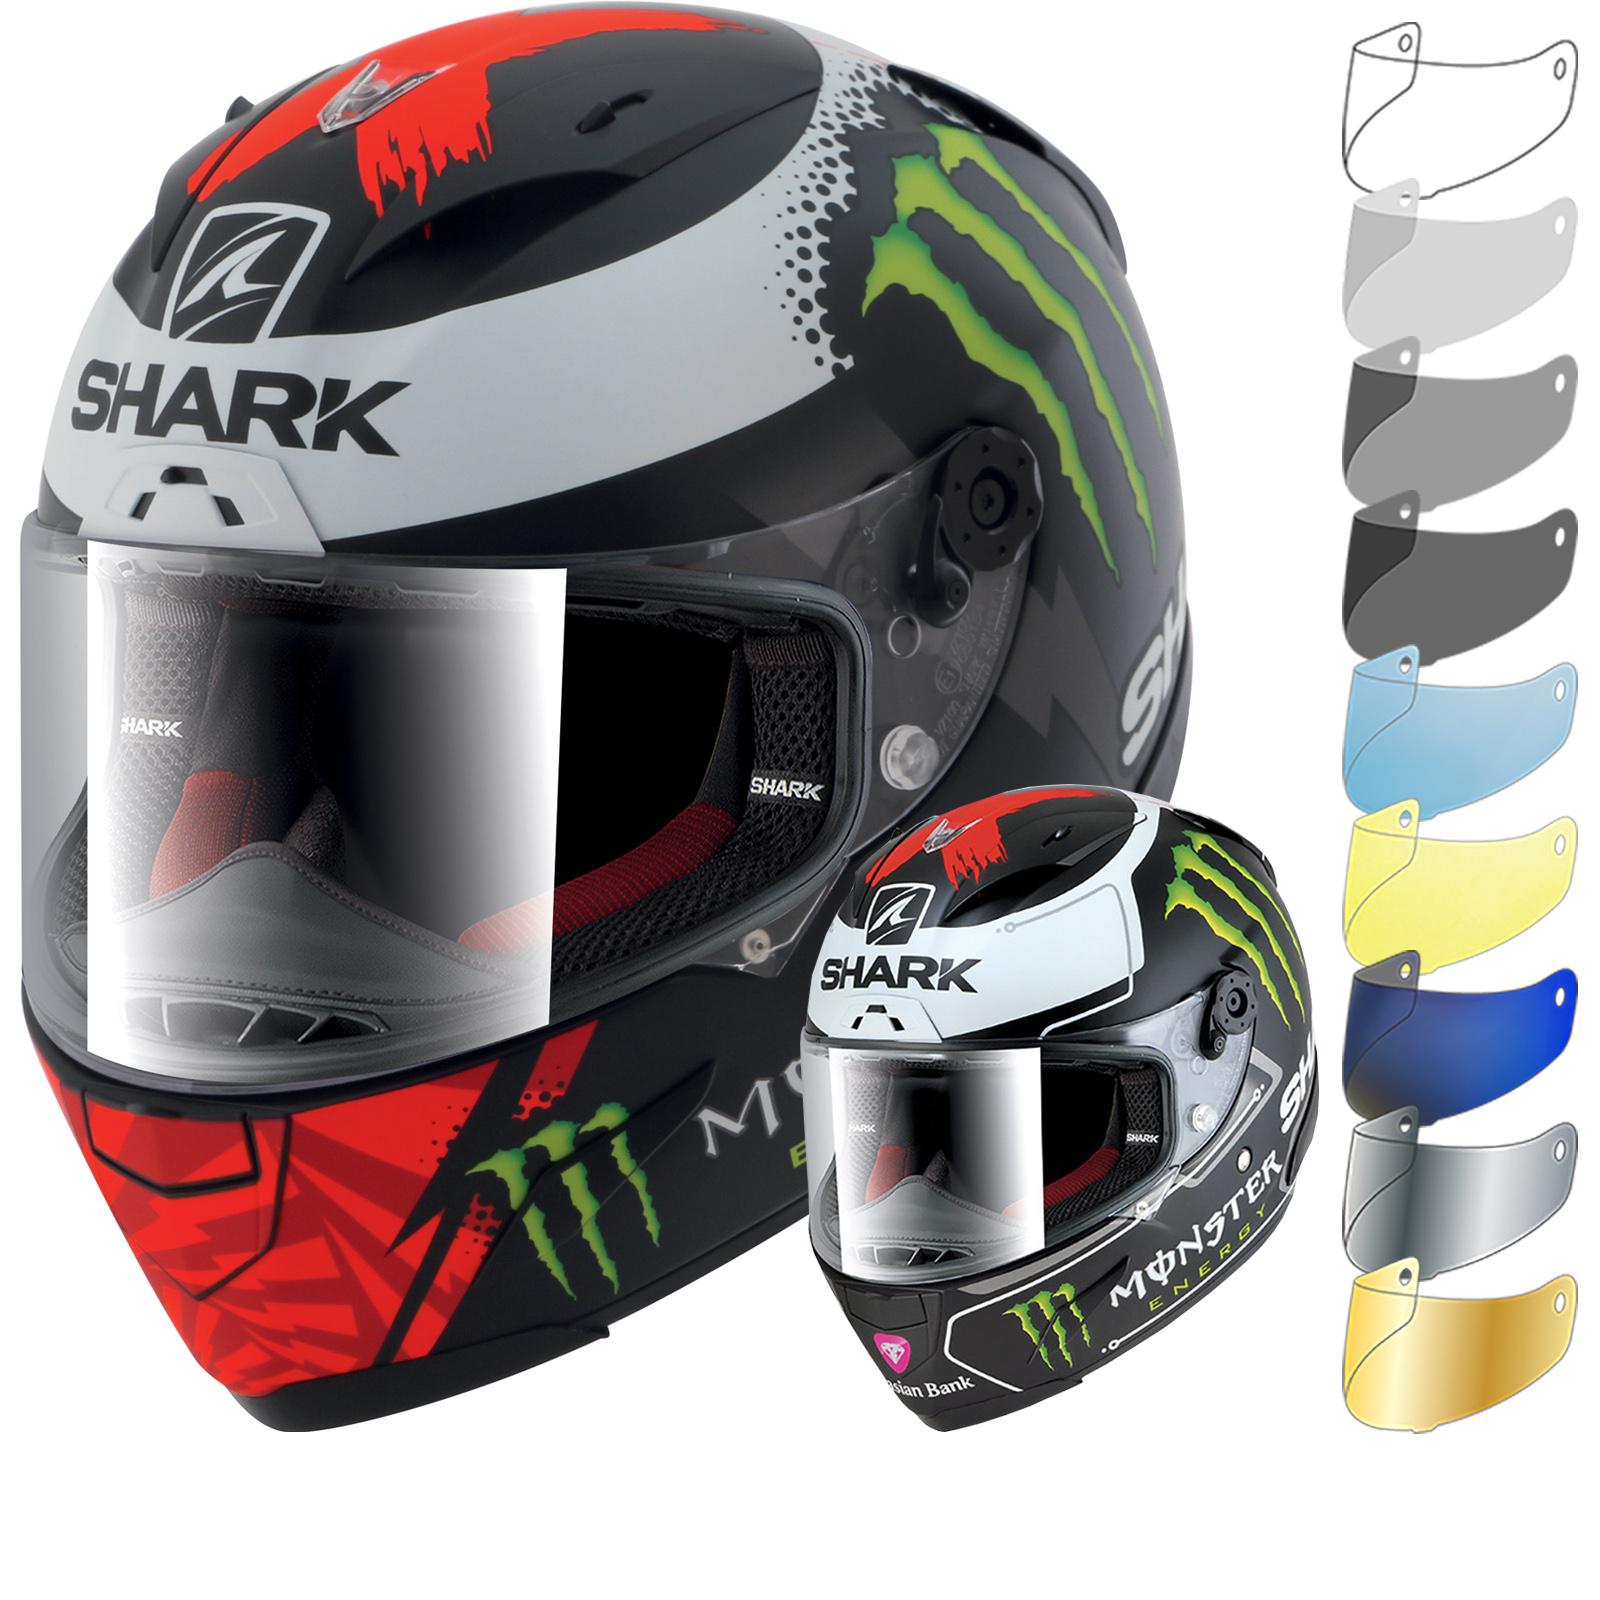 shark race r pro lorenzo monster motorcycle helmet visor full face helmets. Black Bedroom Furniture Sets. Home Design Ideas